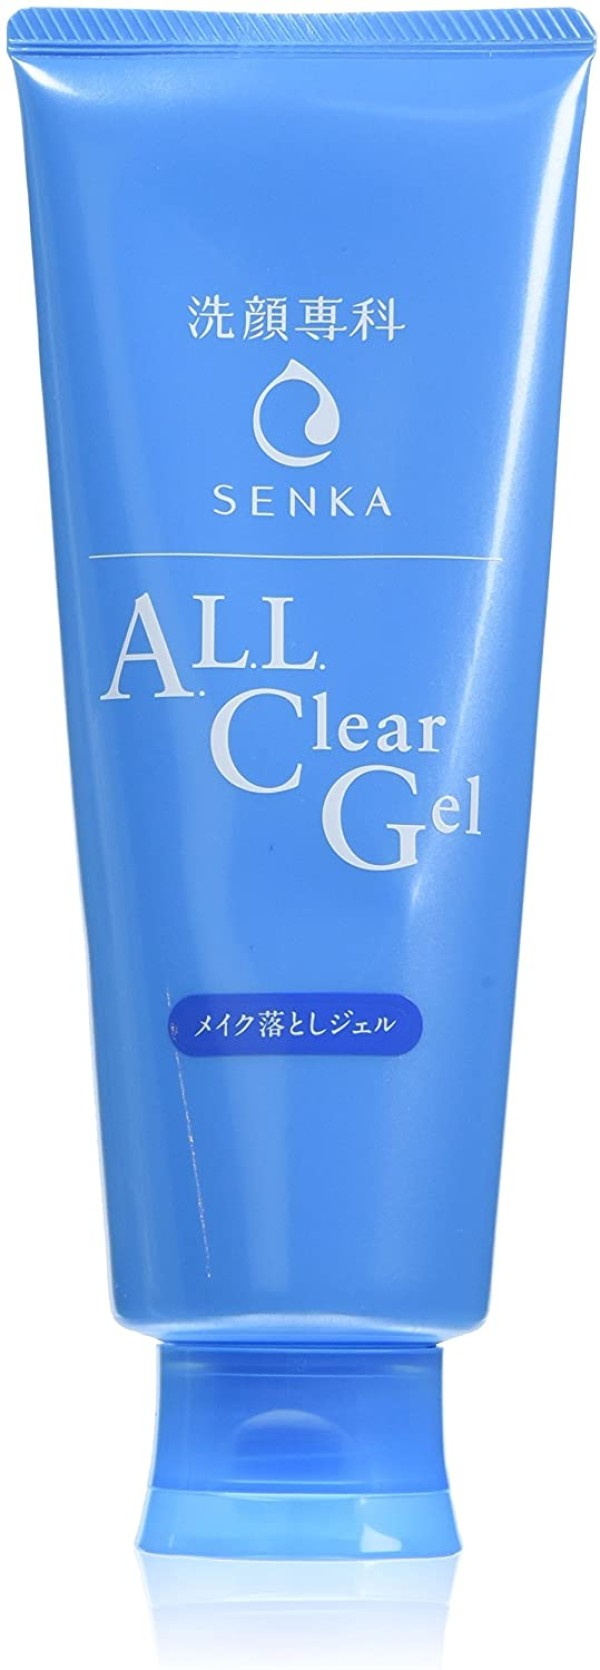 Гель для снятия макияжа Shiseido Hada-Senka All Clear Gel